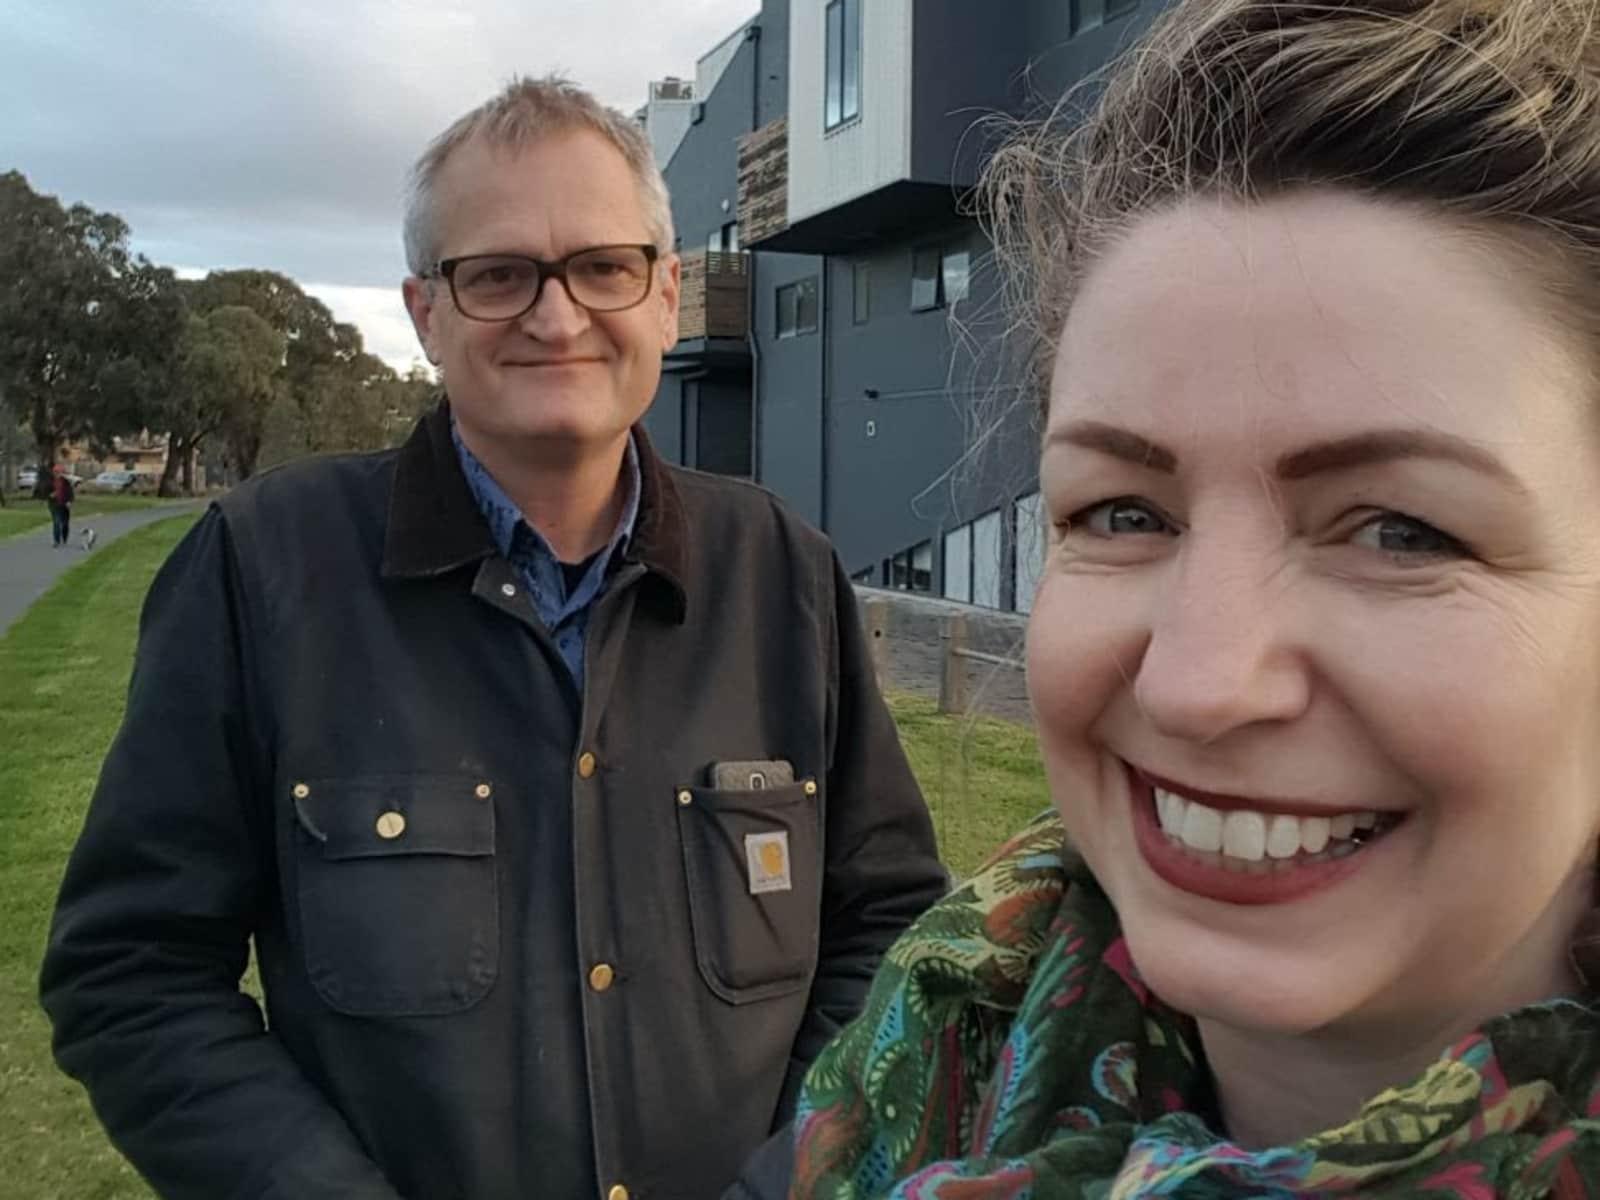 Jude & Martin from Melbourne, Victoria, Australia